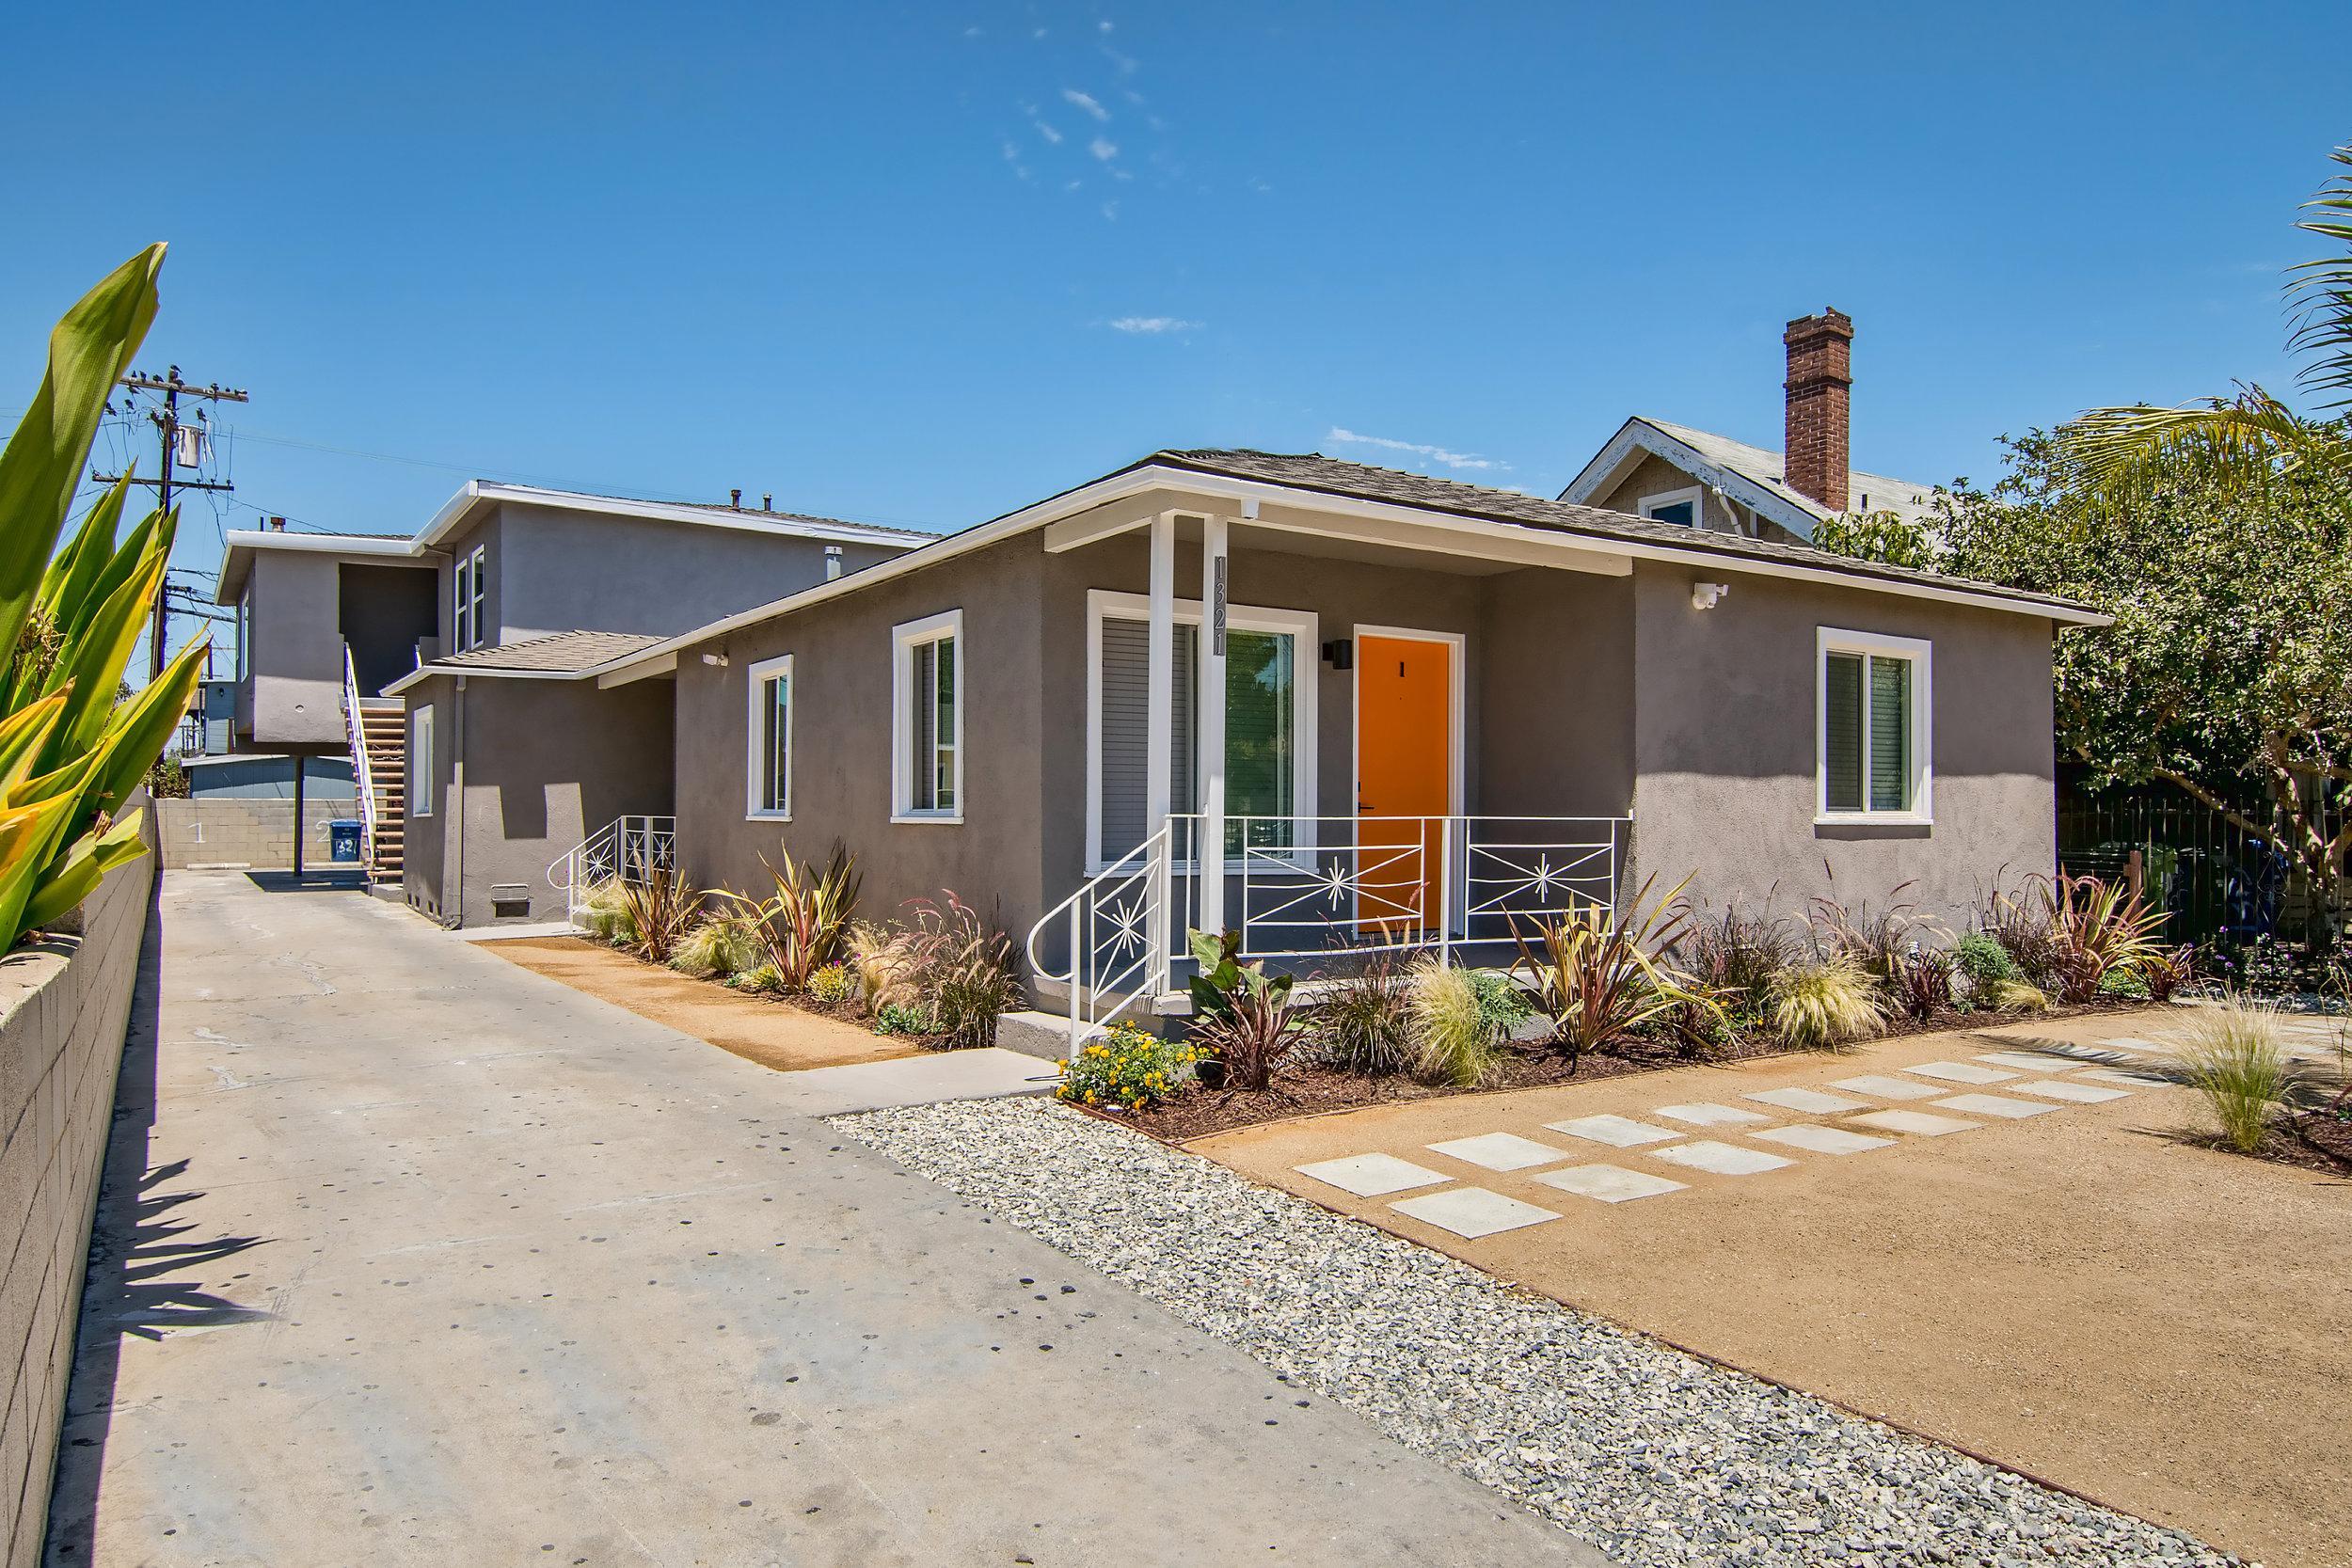 Villa36 - Los Angeles, CA